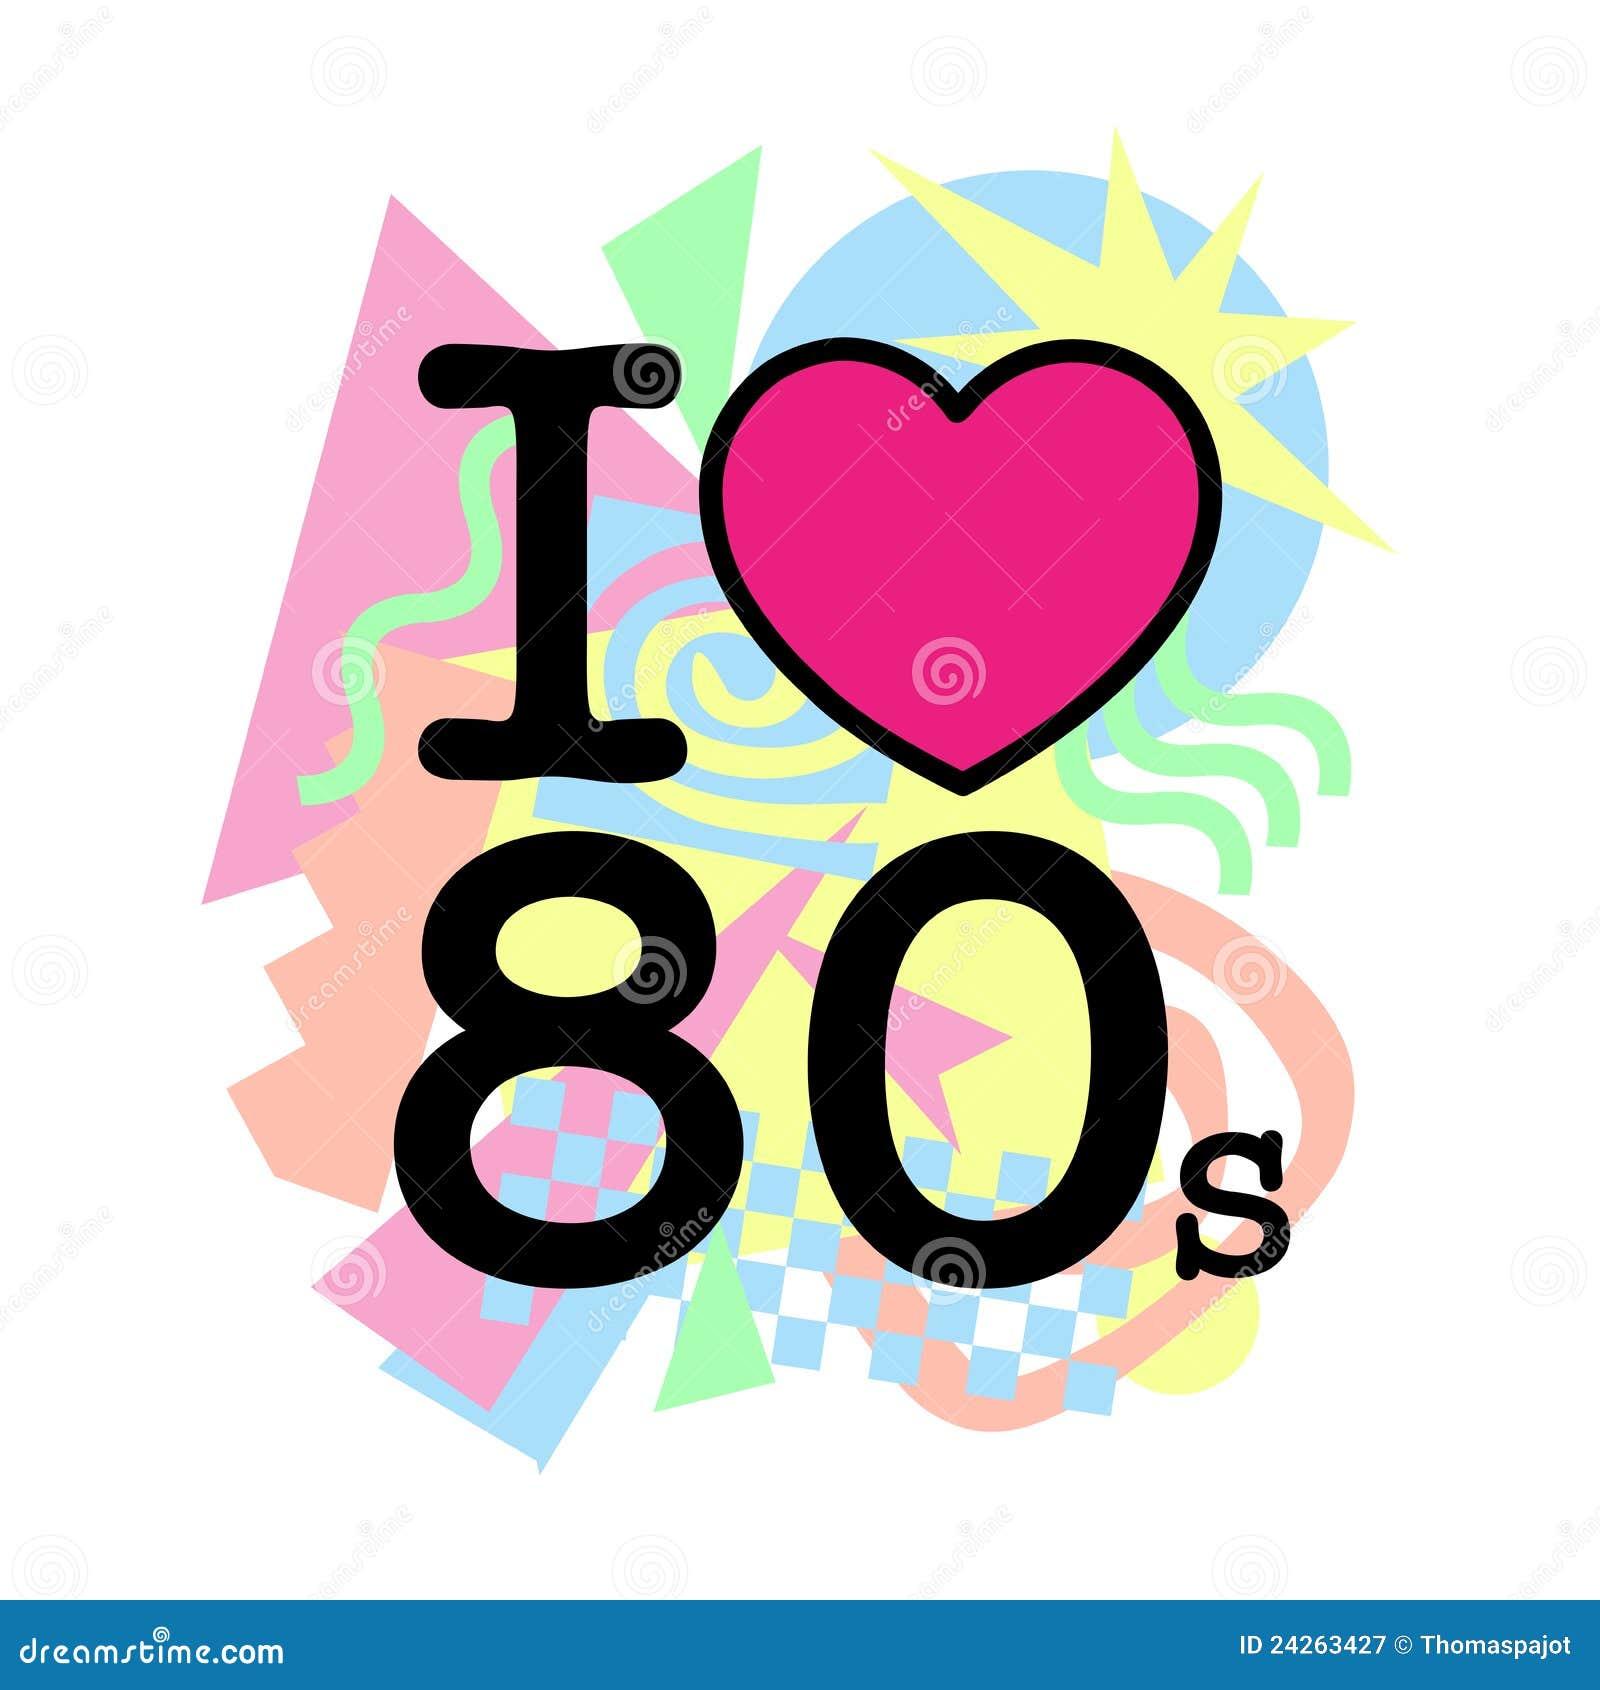 80S Party Invitation | alesi.info